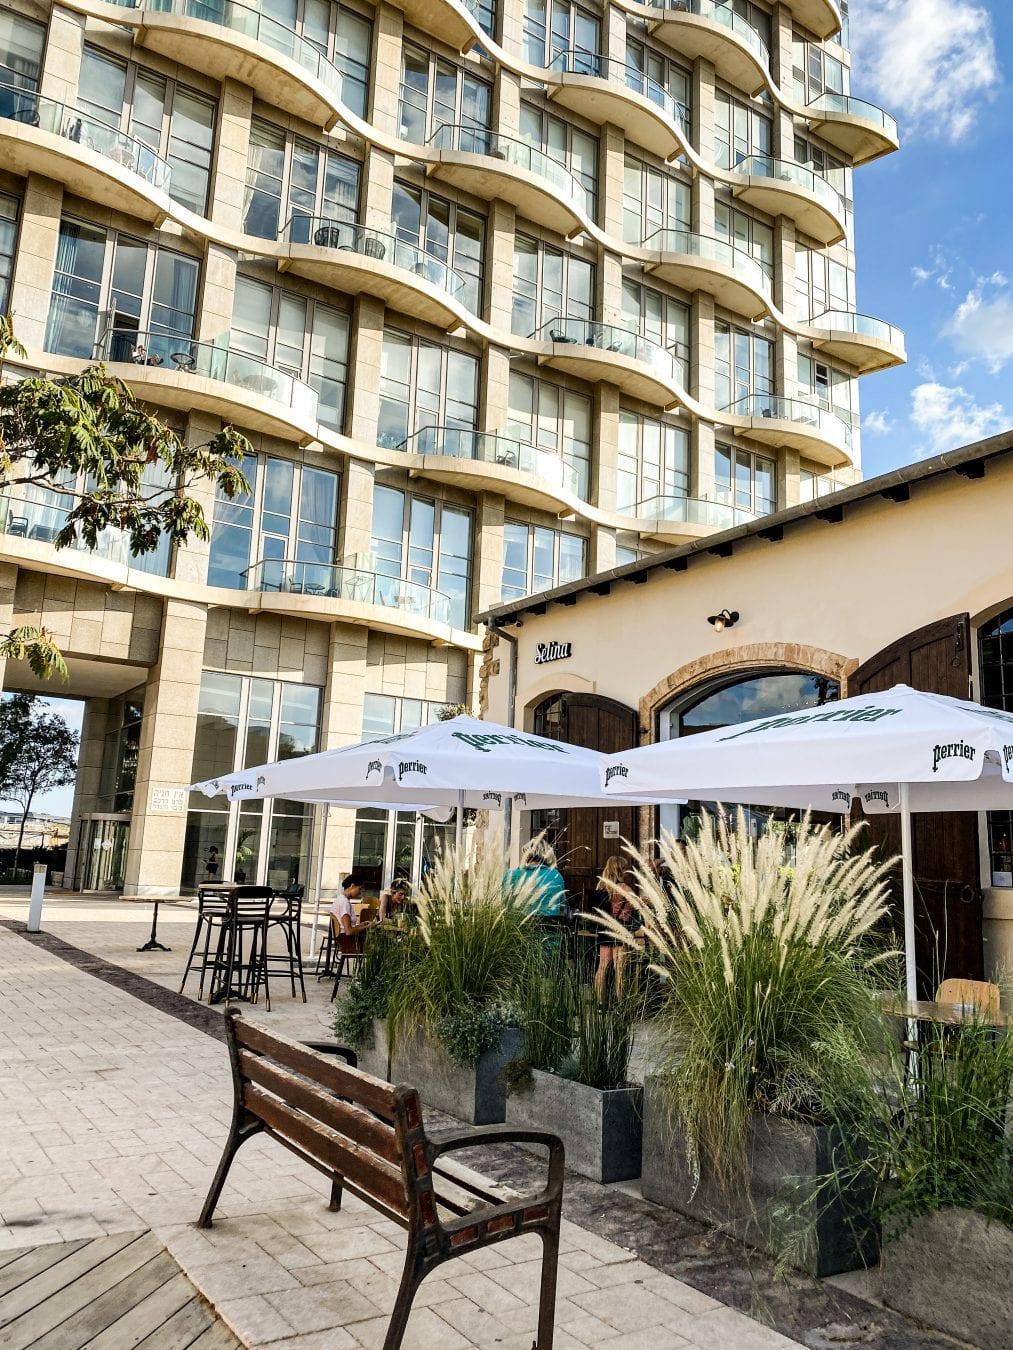 Selina Hotel Tel aviv מלון סלינה נווה צדק